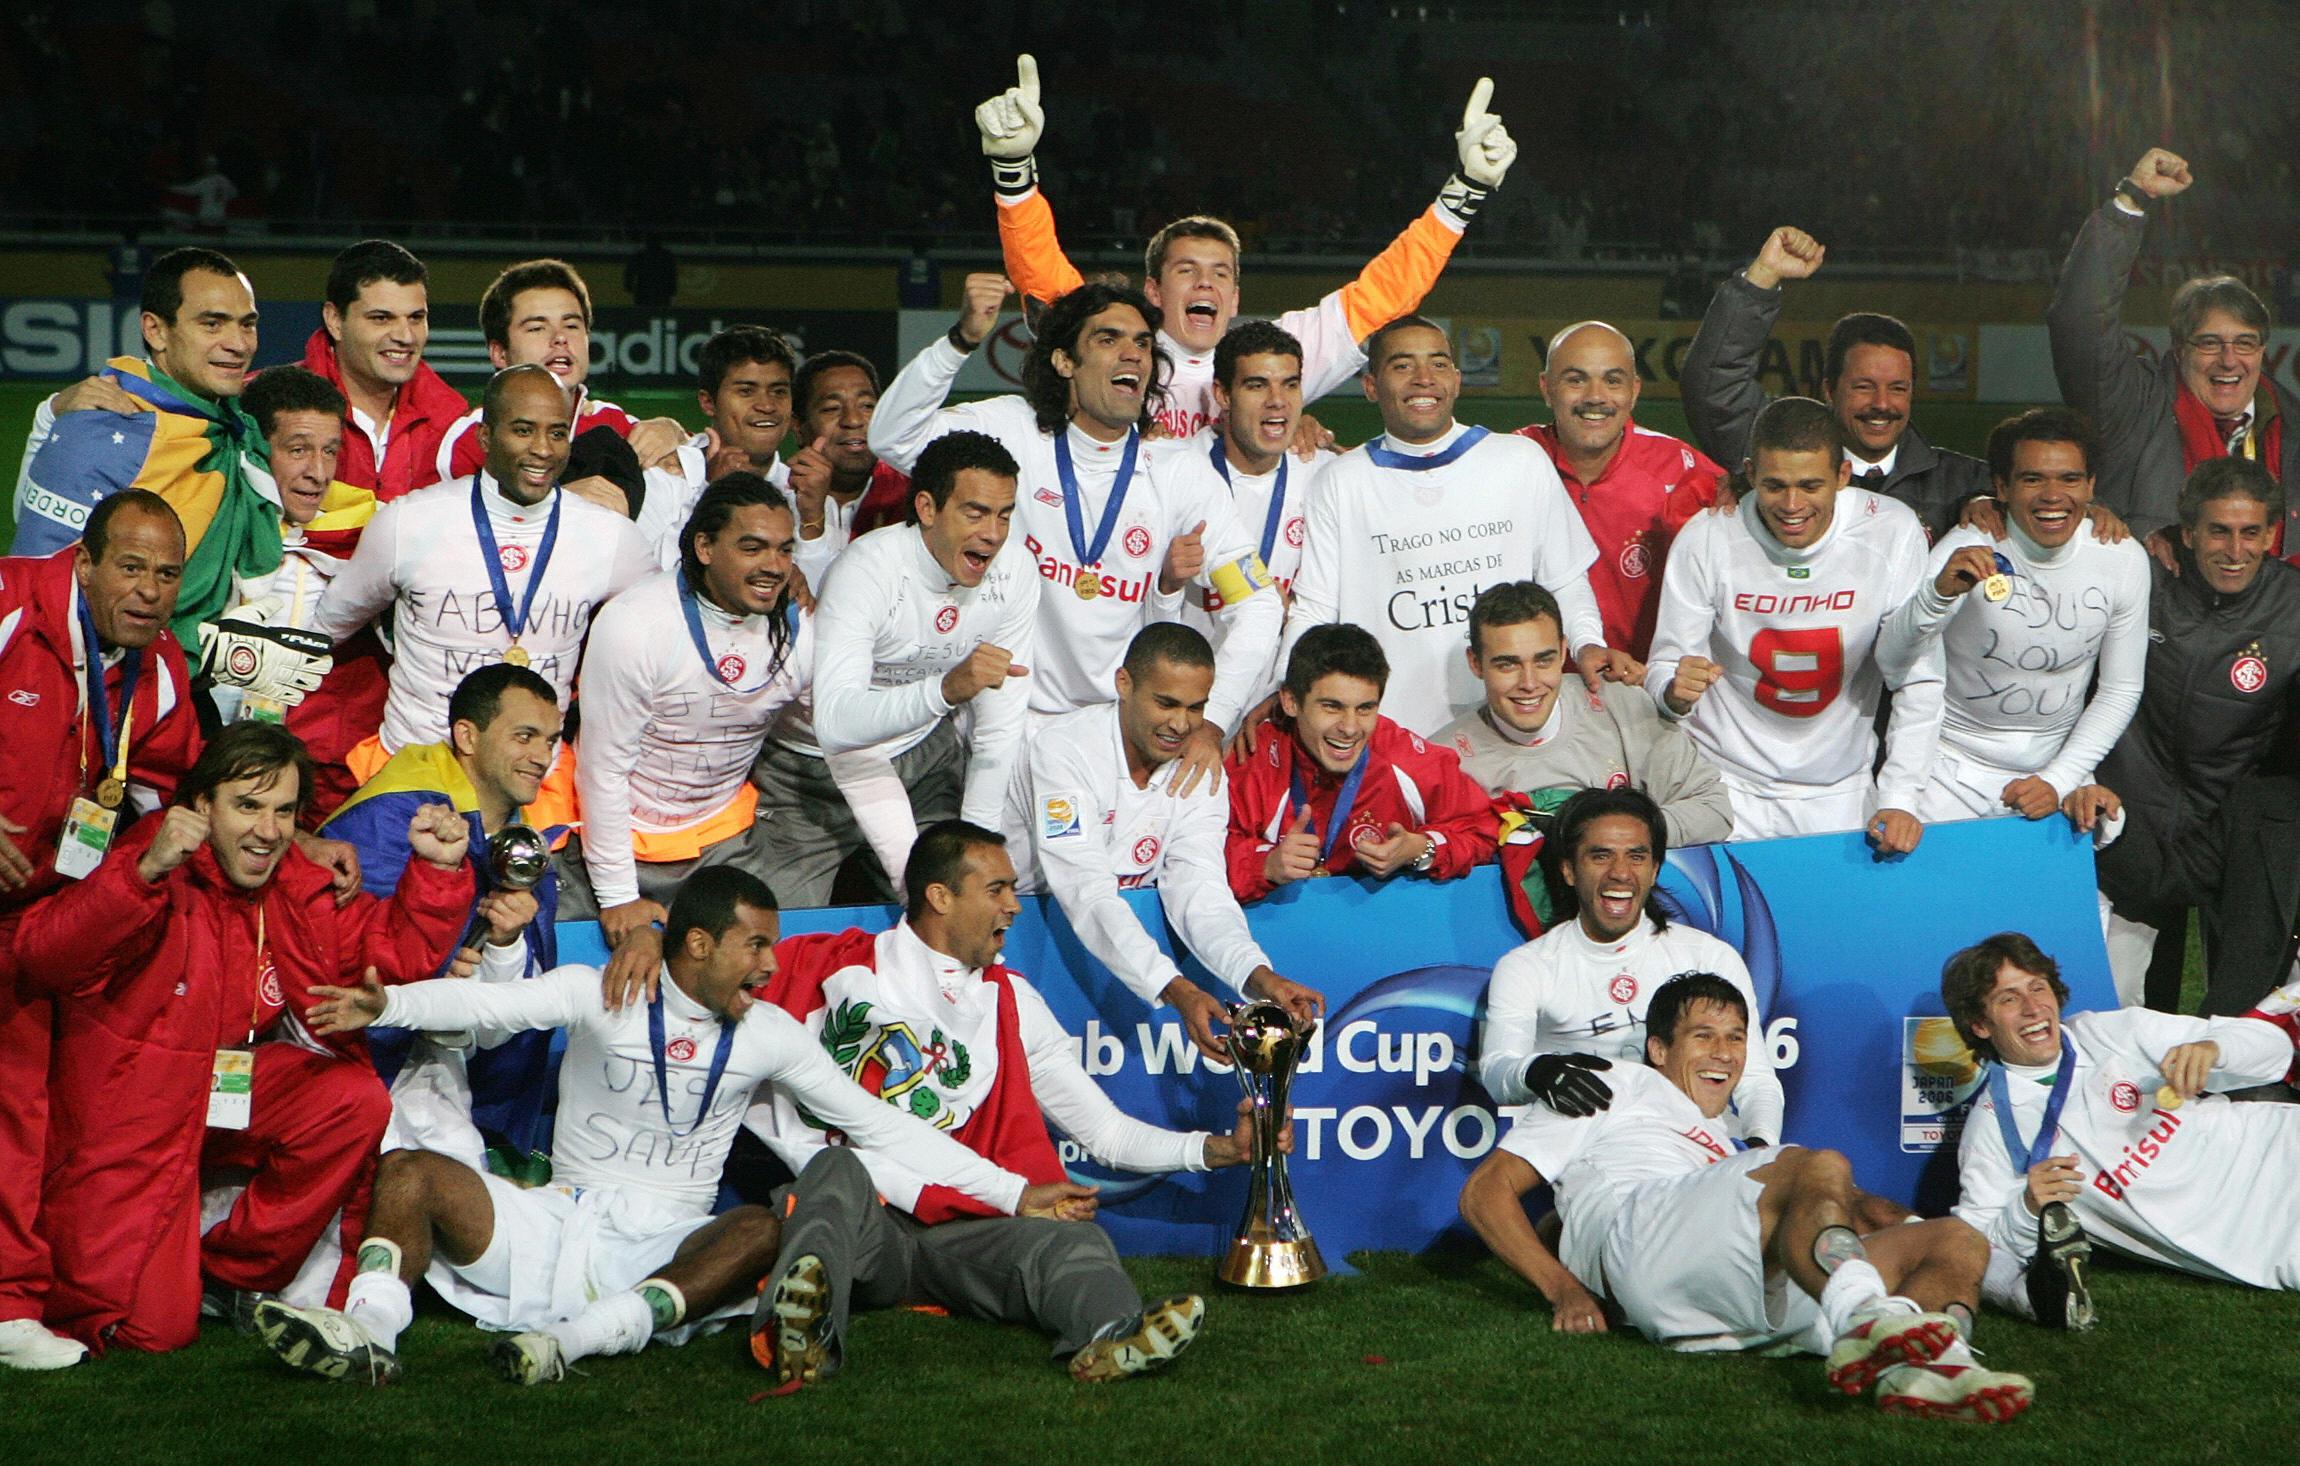 internacional 2009